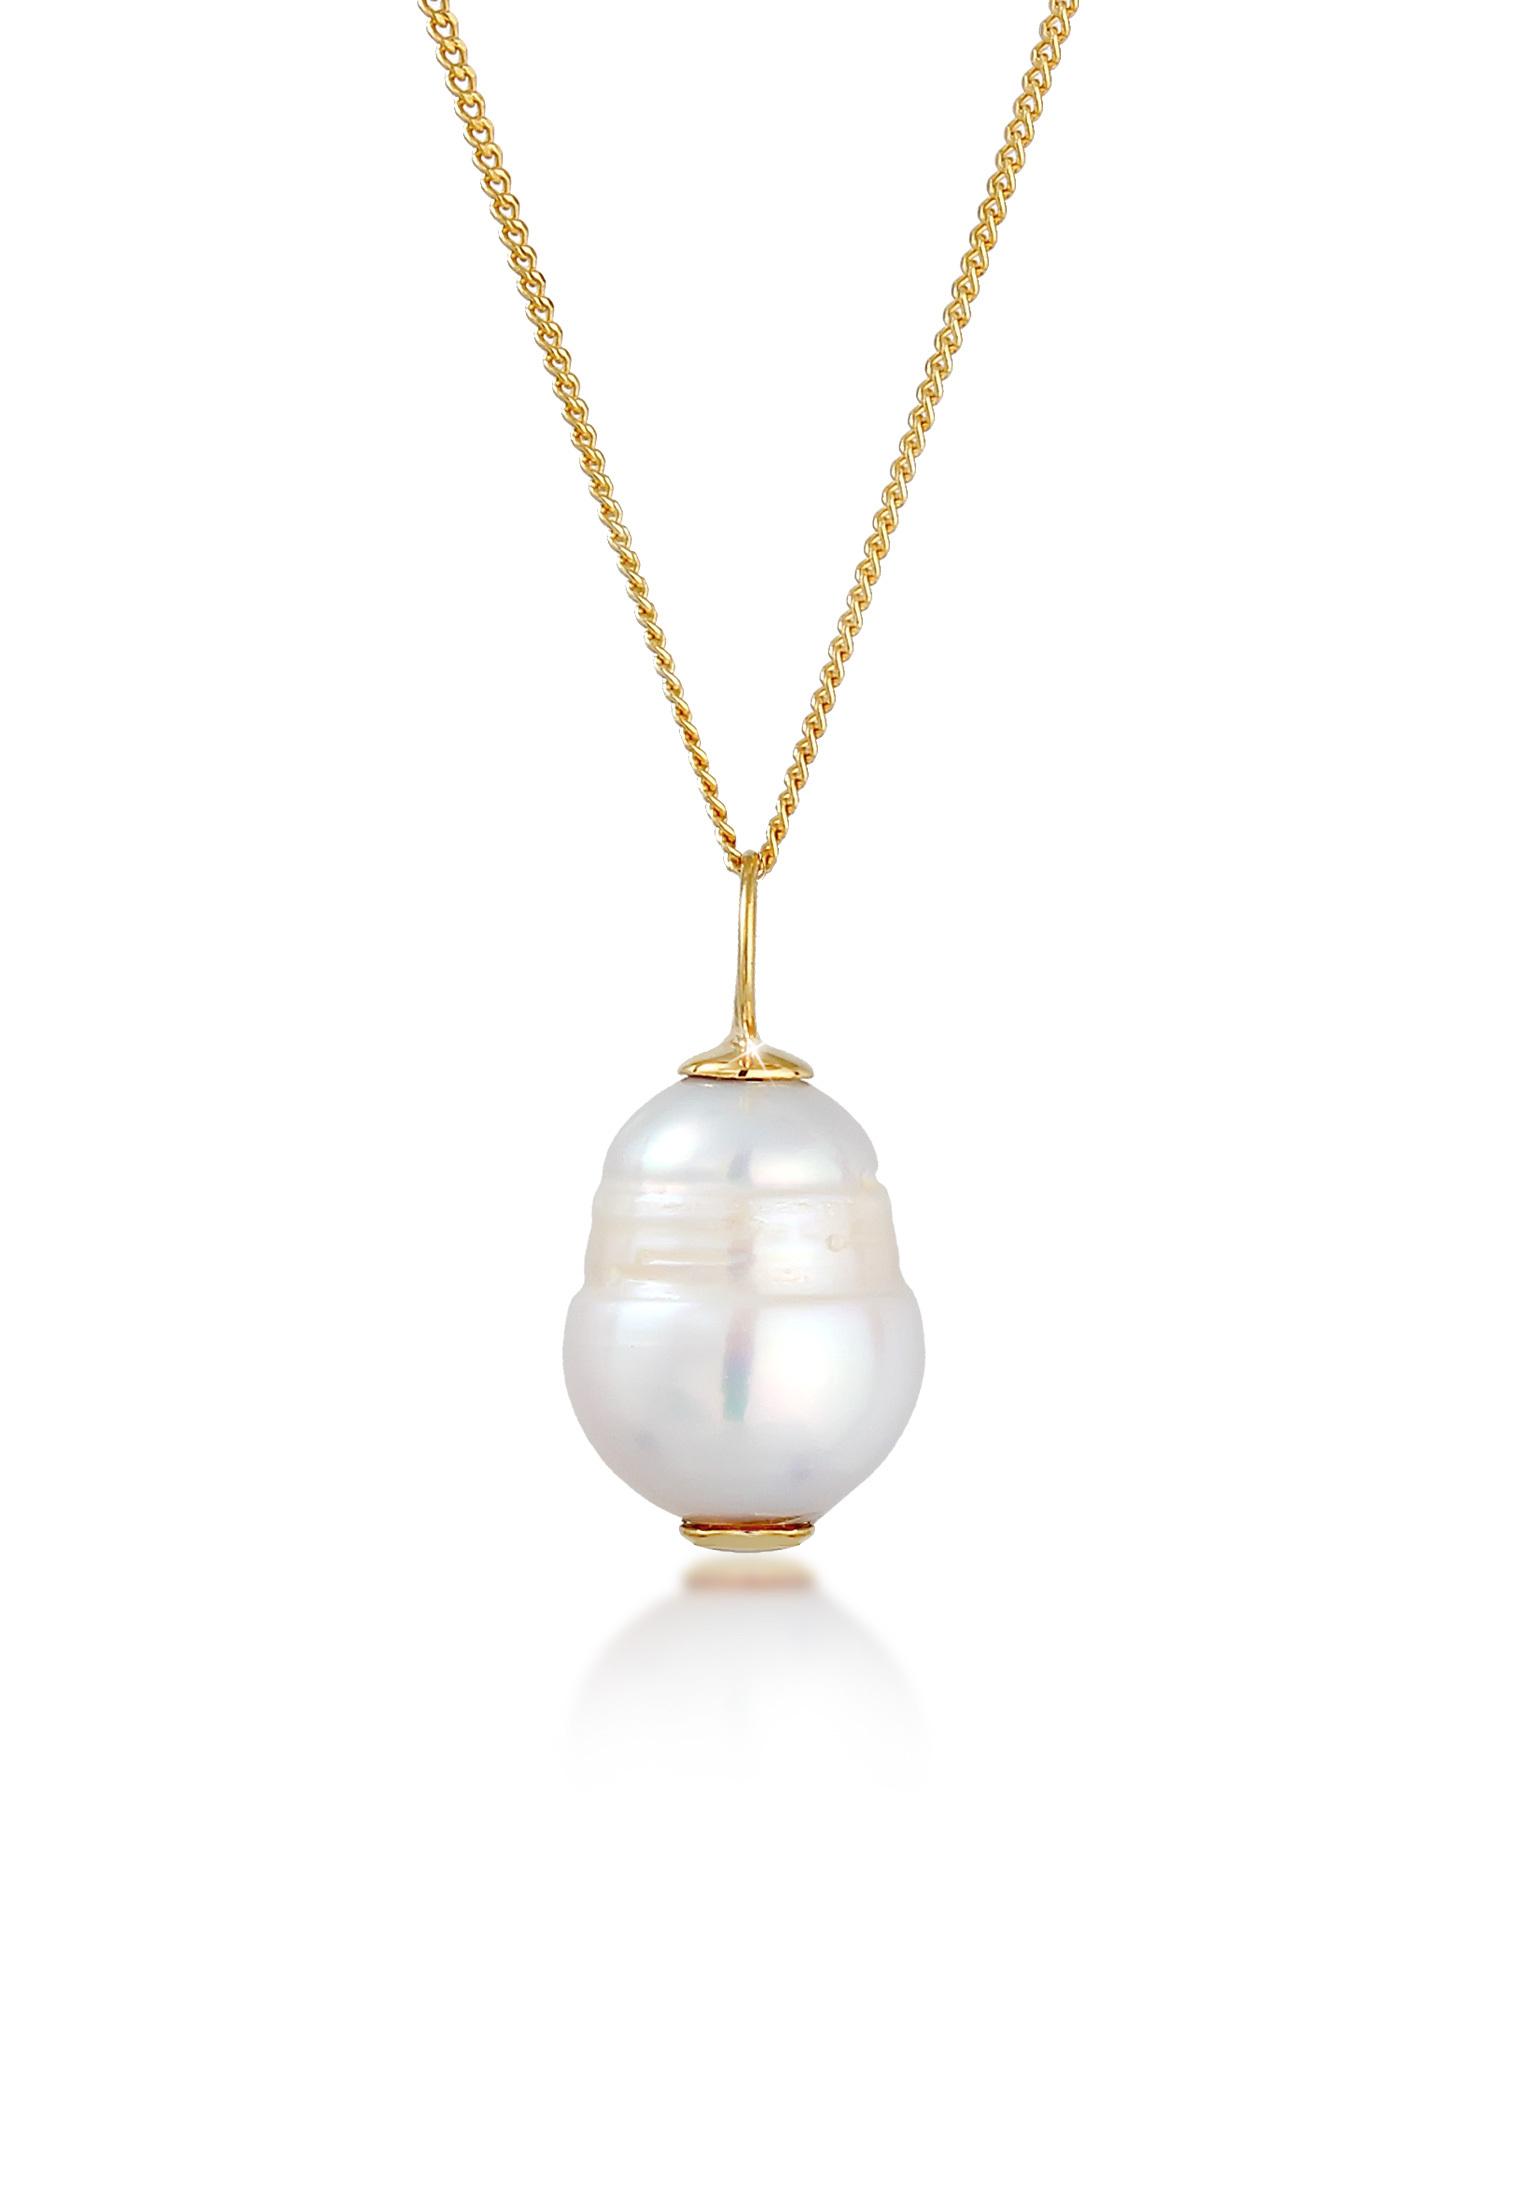 Halskette | Süßwasserperle | 375 Gelbgold